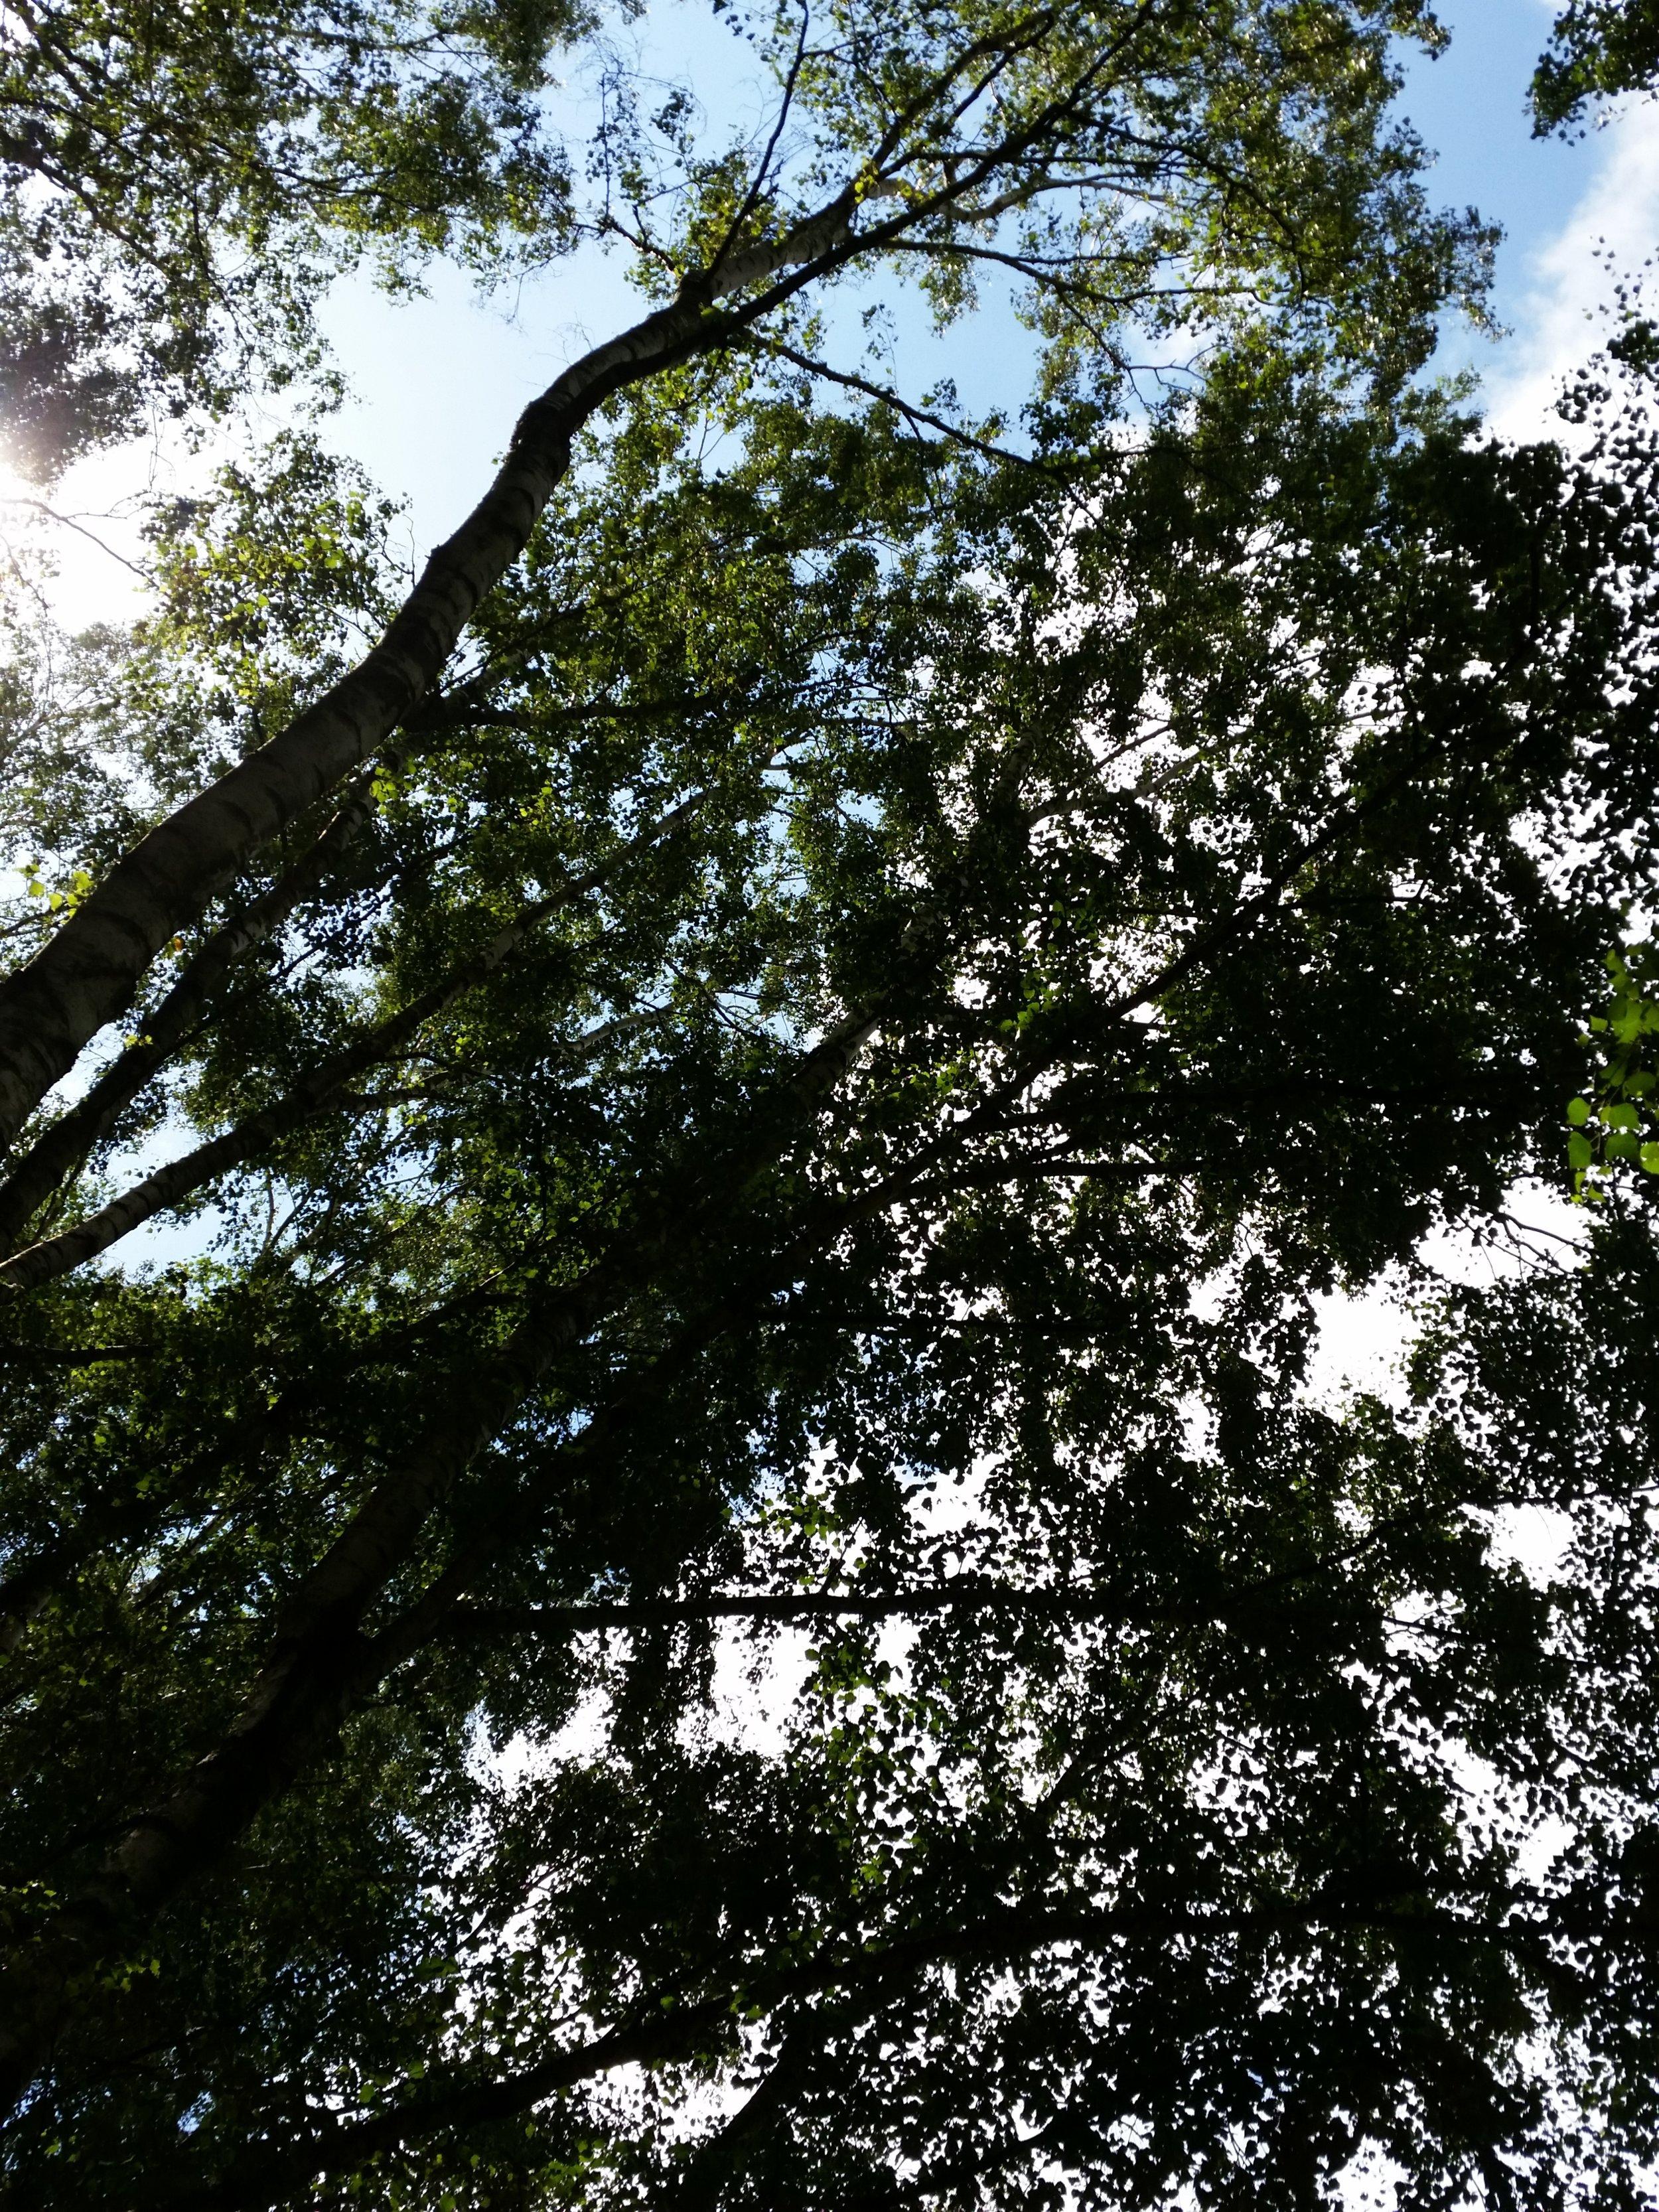 Zum Abschluss ein Baum. Quelle: Sash